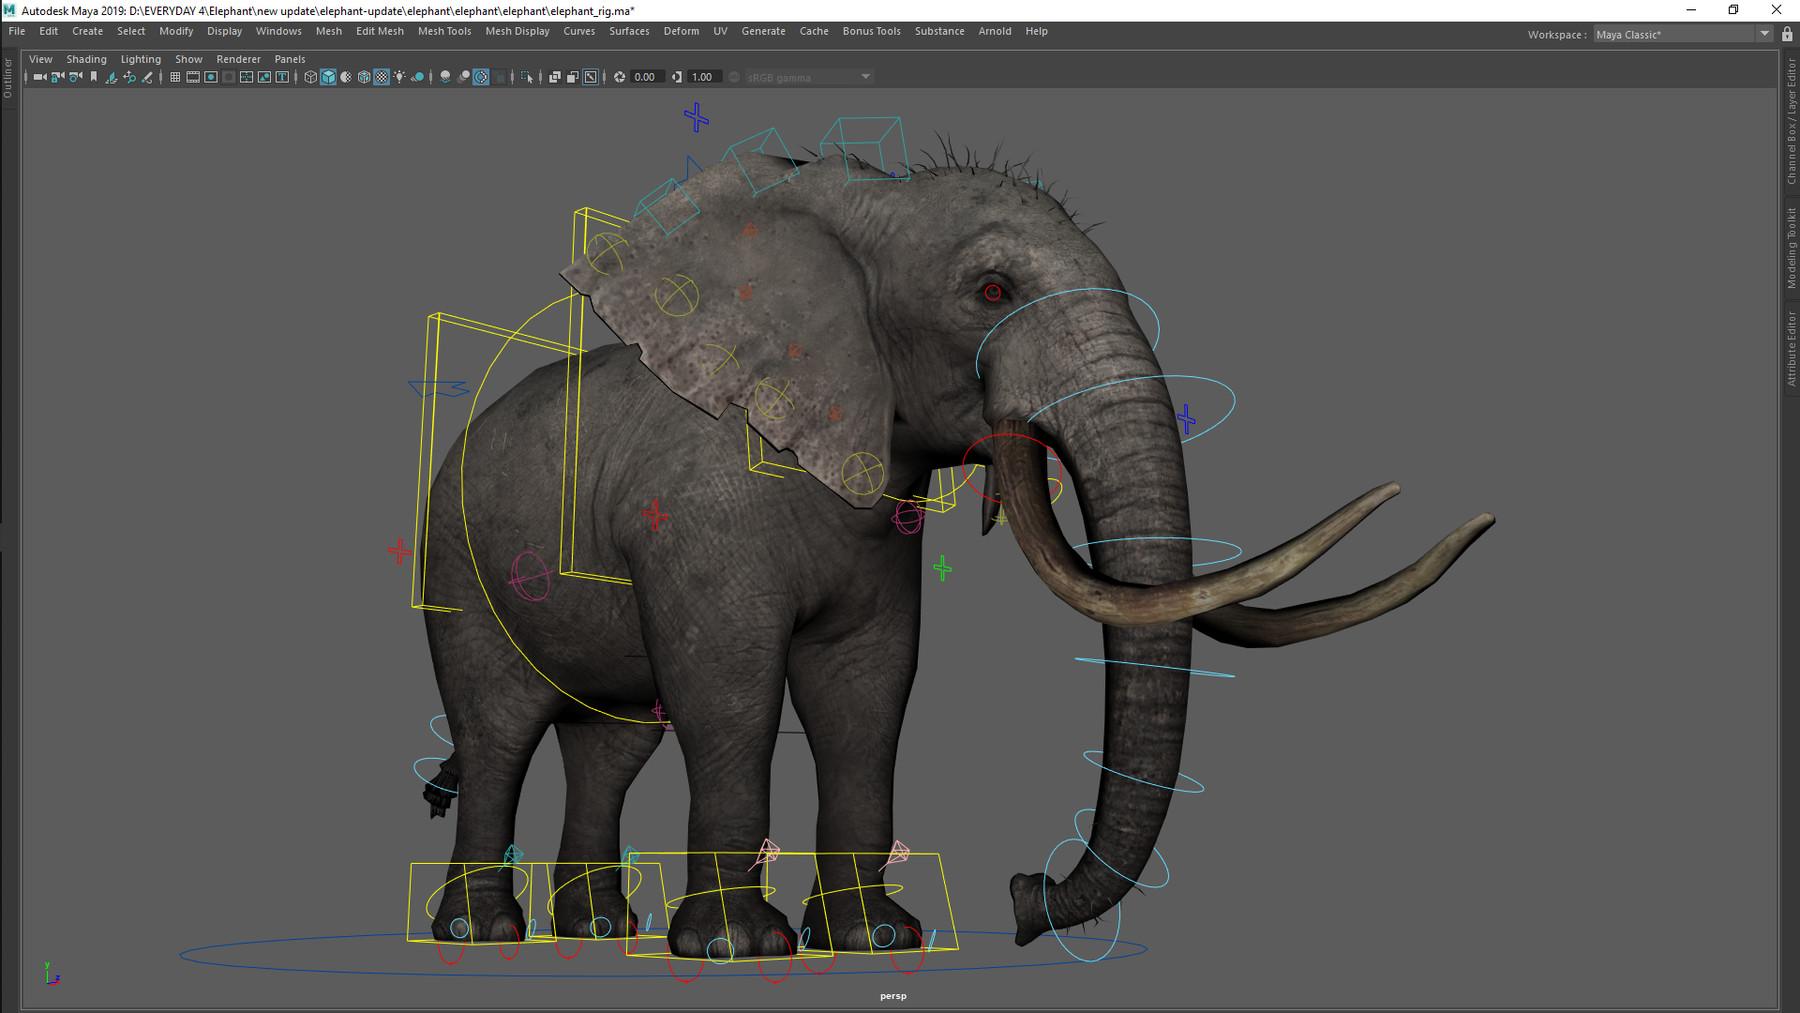 Elephant Maya Rig by Truong CG Artist